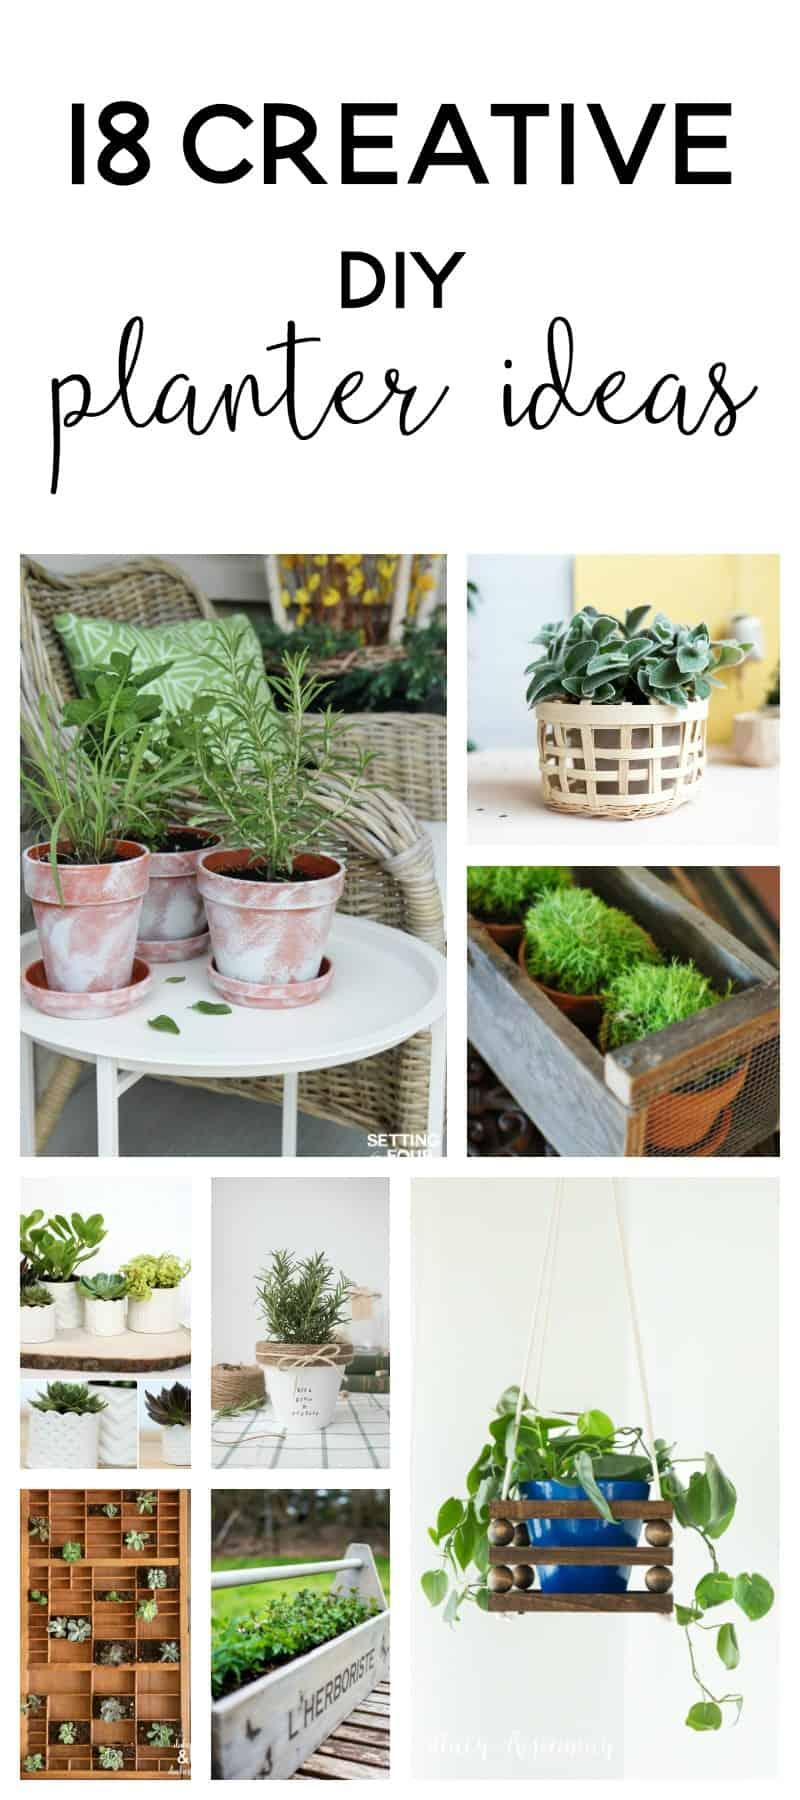 Diy Planters | Diy Planter Ideas | Diy Plant Pots | Planter Ideas | Planters  DIY